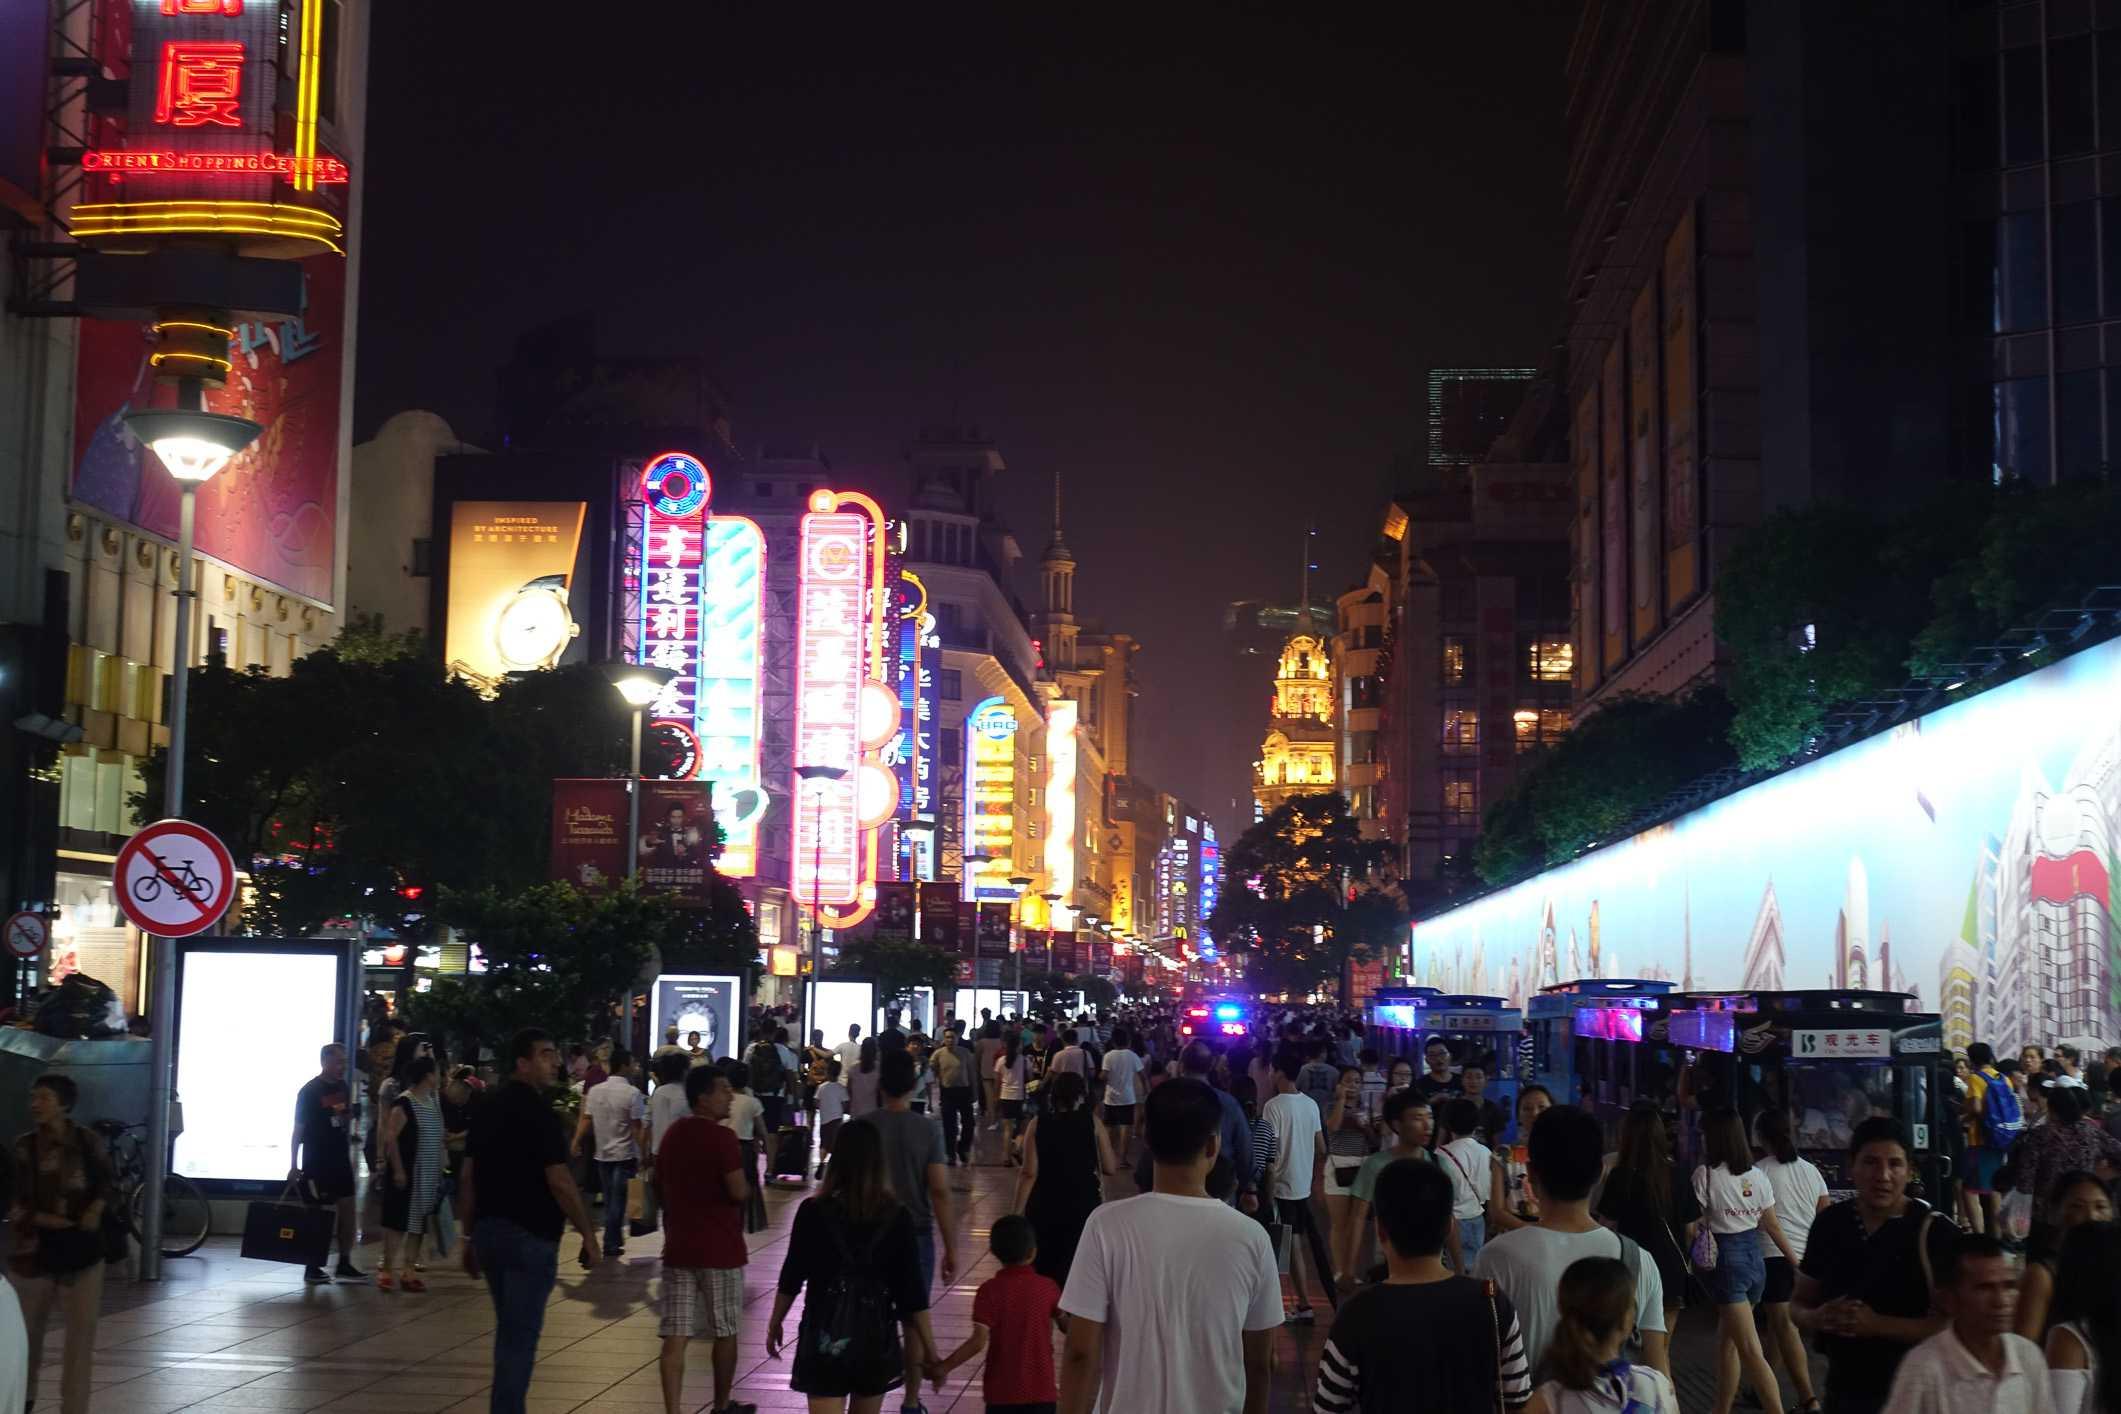 Nanjing Street East